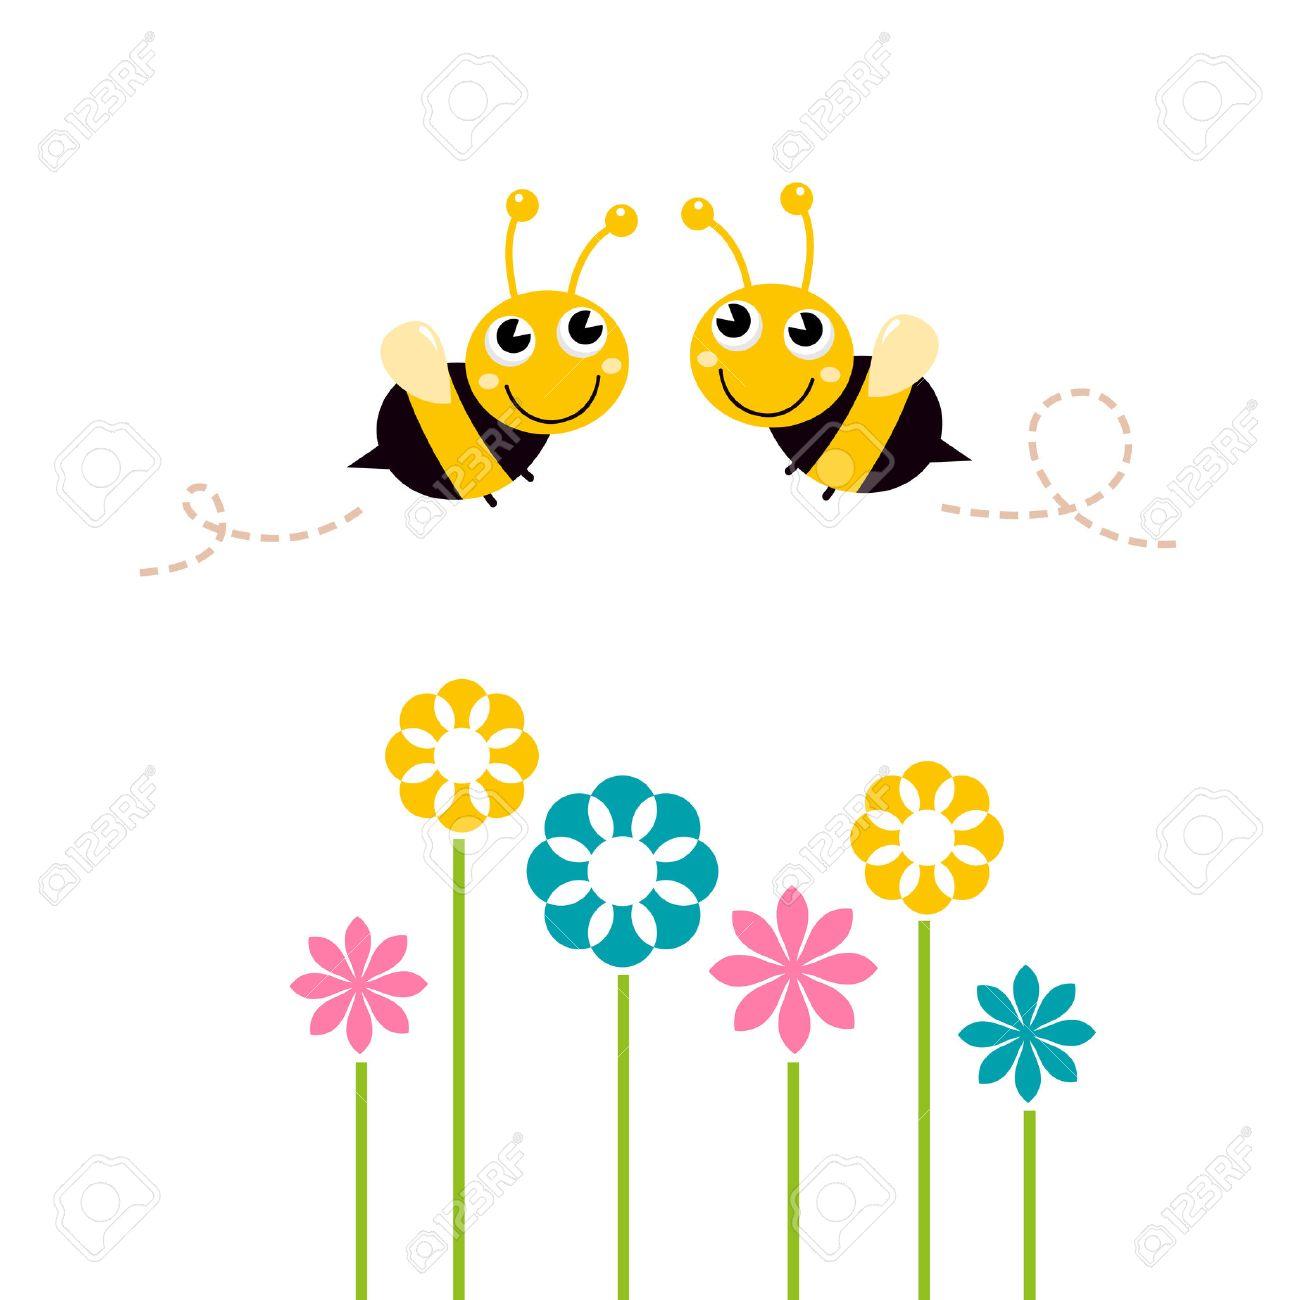 Les abeilles qui volent autour de belles fleurs Illustration Vecteur de  dessin animé Banque d\u0027